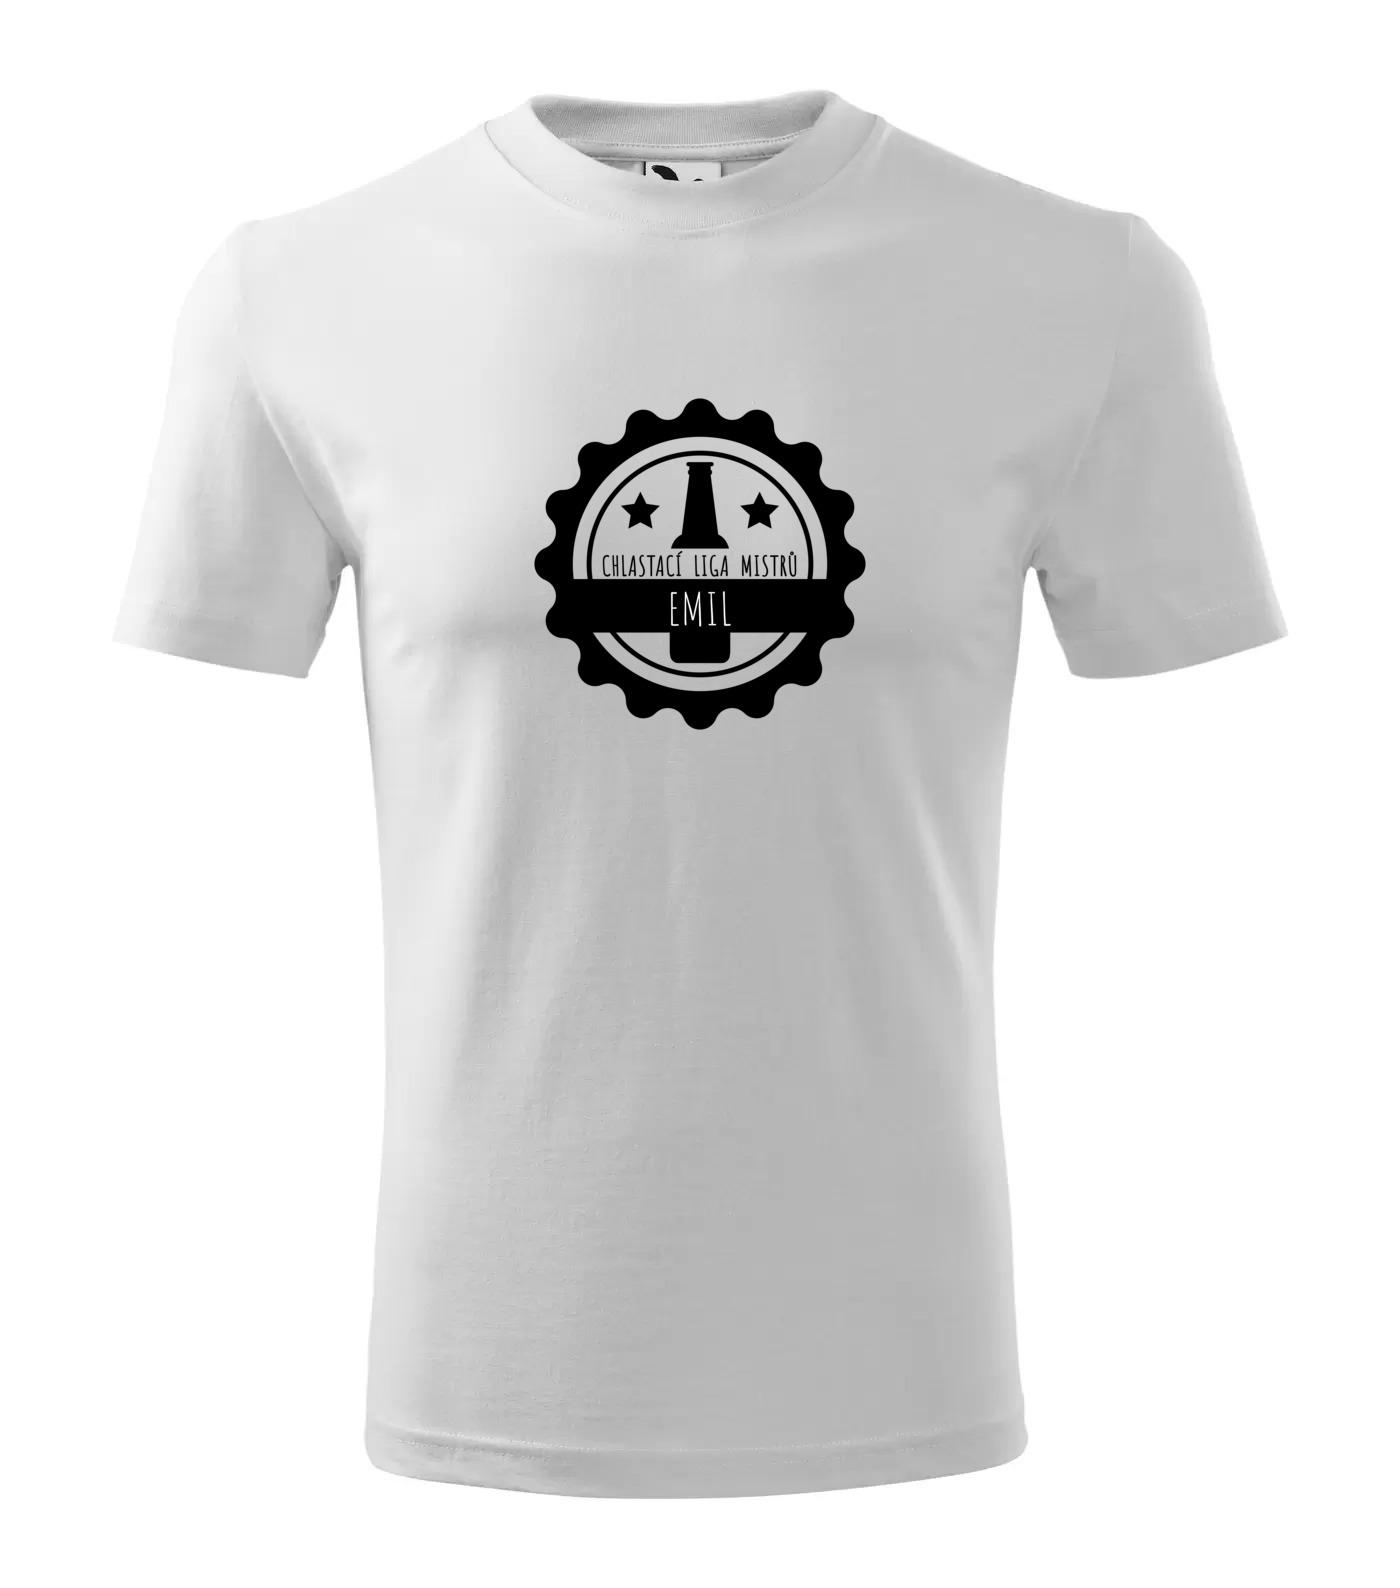 Tričko Chlastací liga mužů Emil